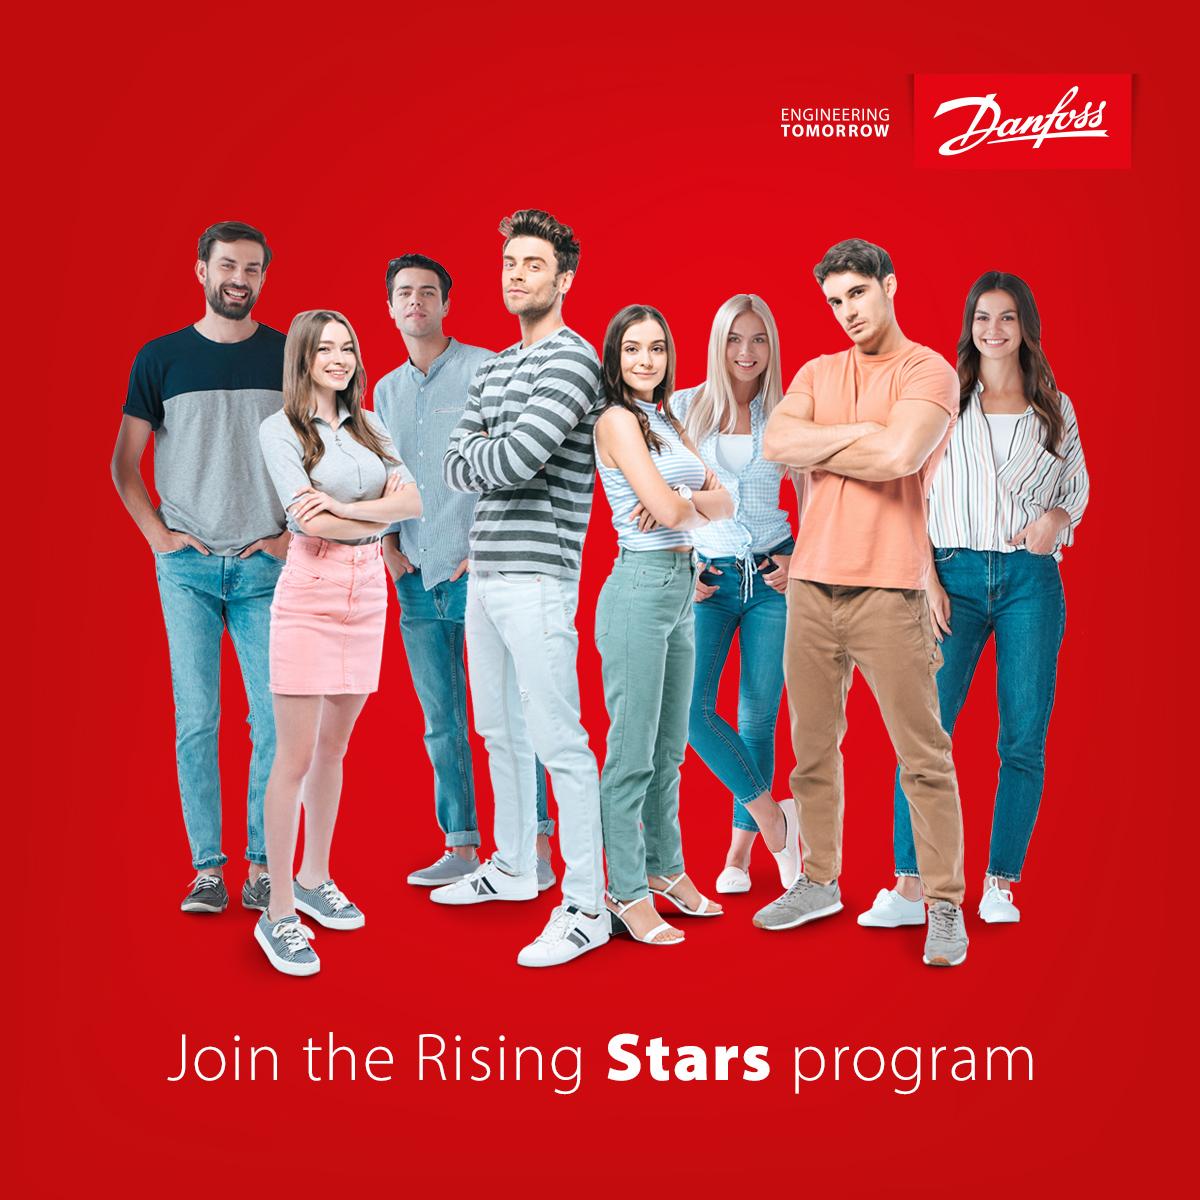 Danfoss Rising Stars - nowy program stypendialny dla studentów